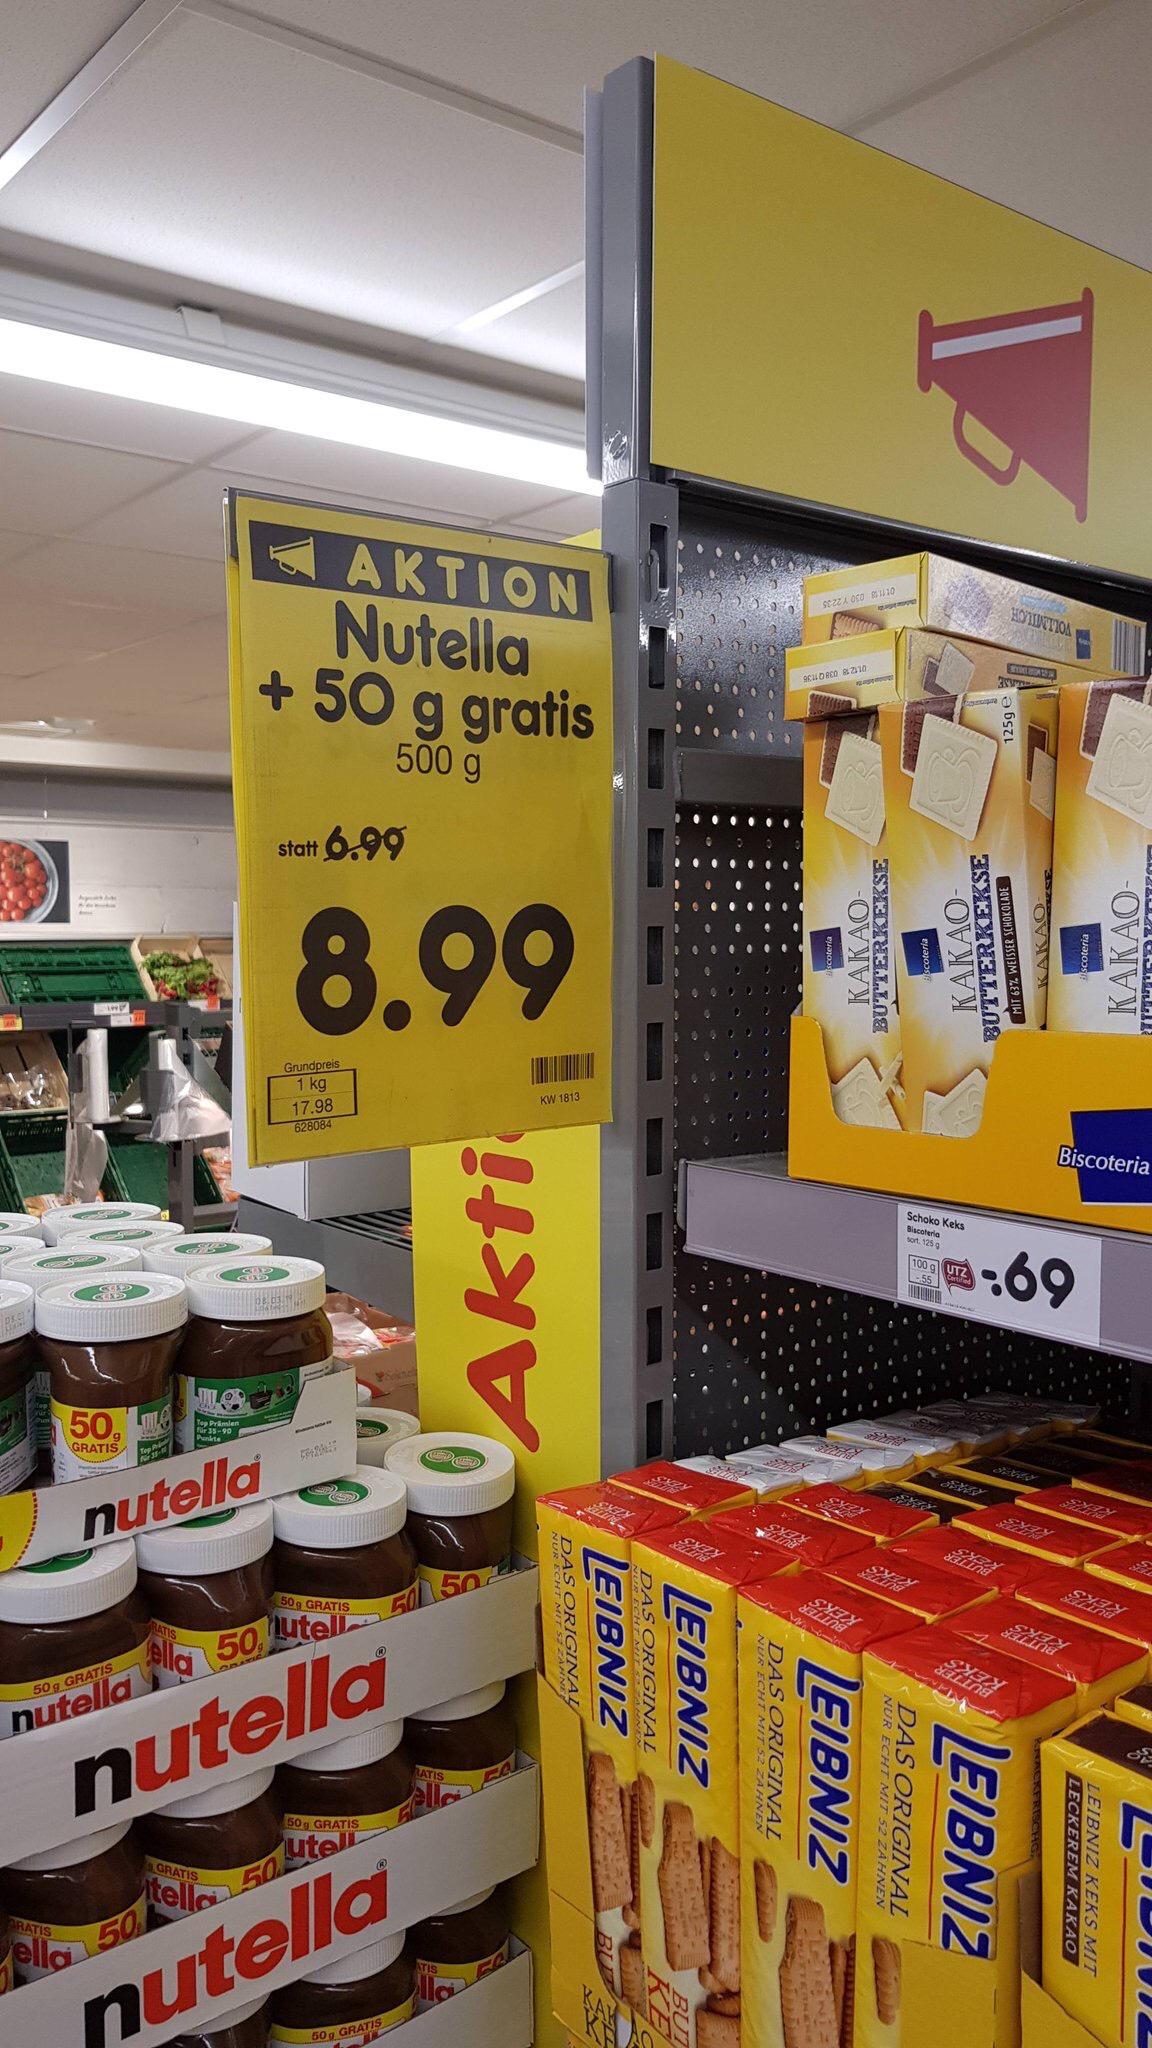 Nutella zum einmaligen Bestpreis (unschlagbar) - 500g plus 50g EXTRA bei [Netto]